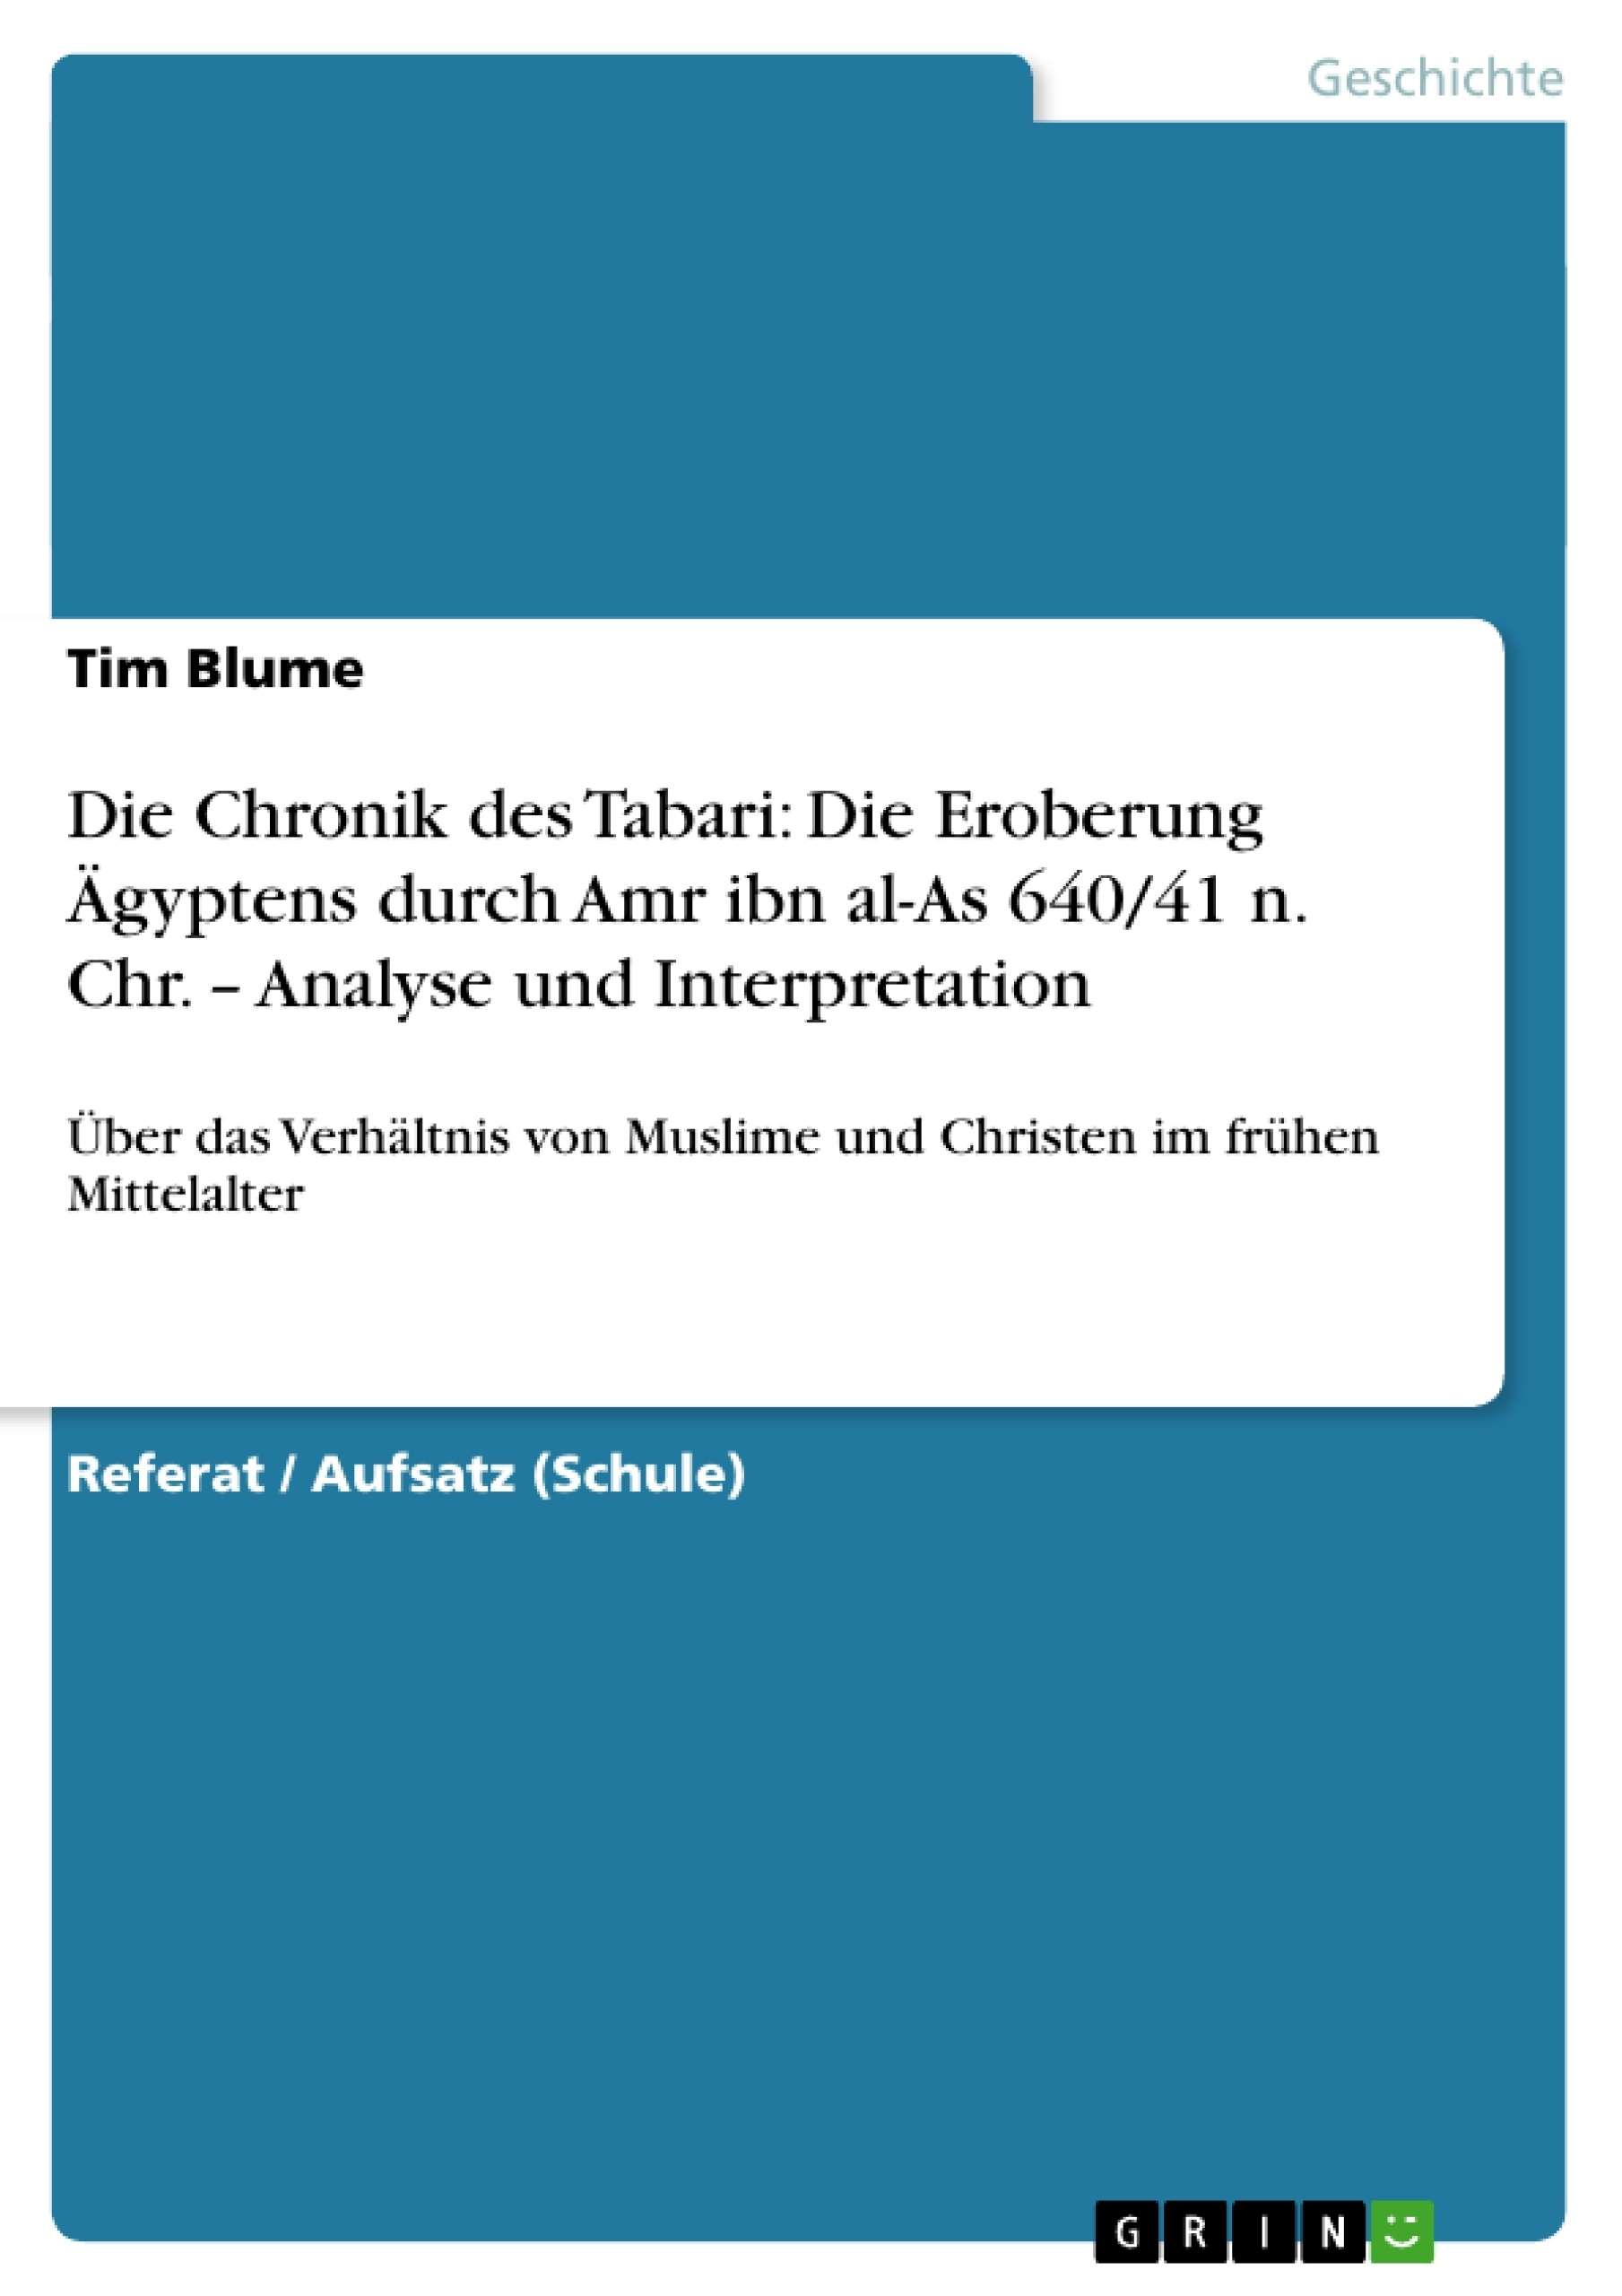 Titel: Die Chronik des Tabari: Die Eroberung Ägyptens durch Amr ibn al-As 640/41 n. Chr. – Analyse und Interpretation